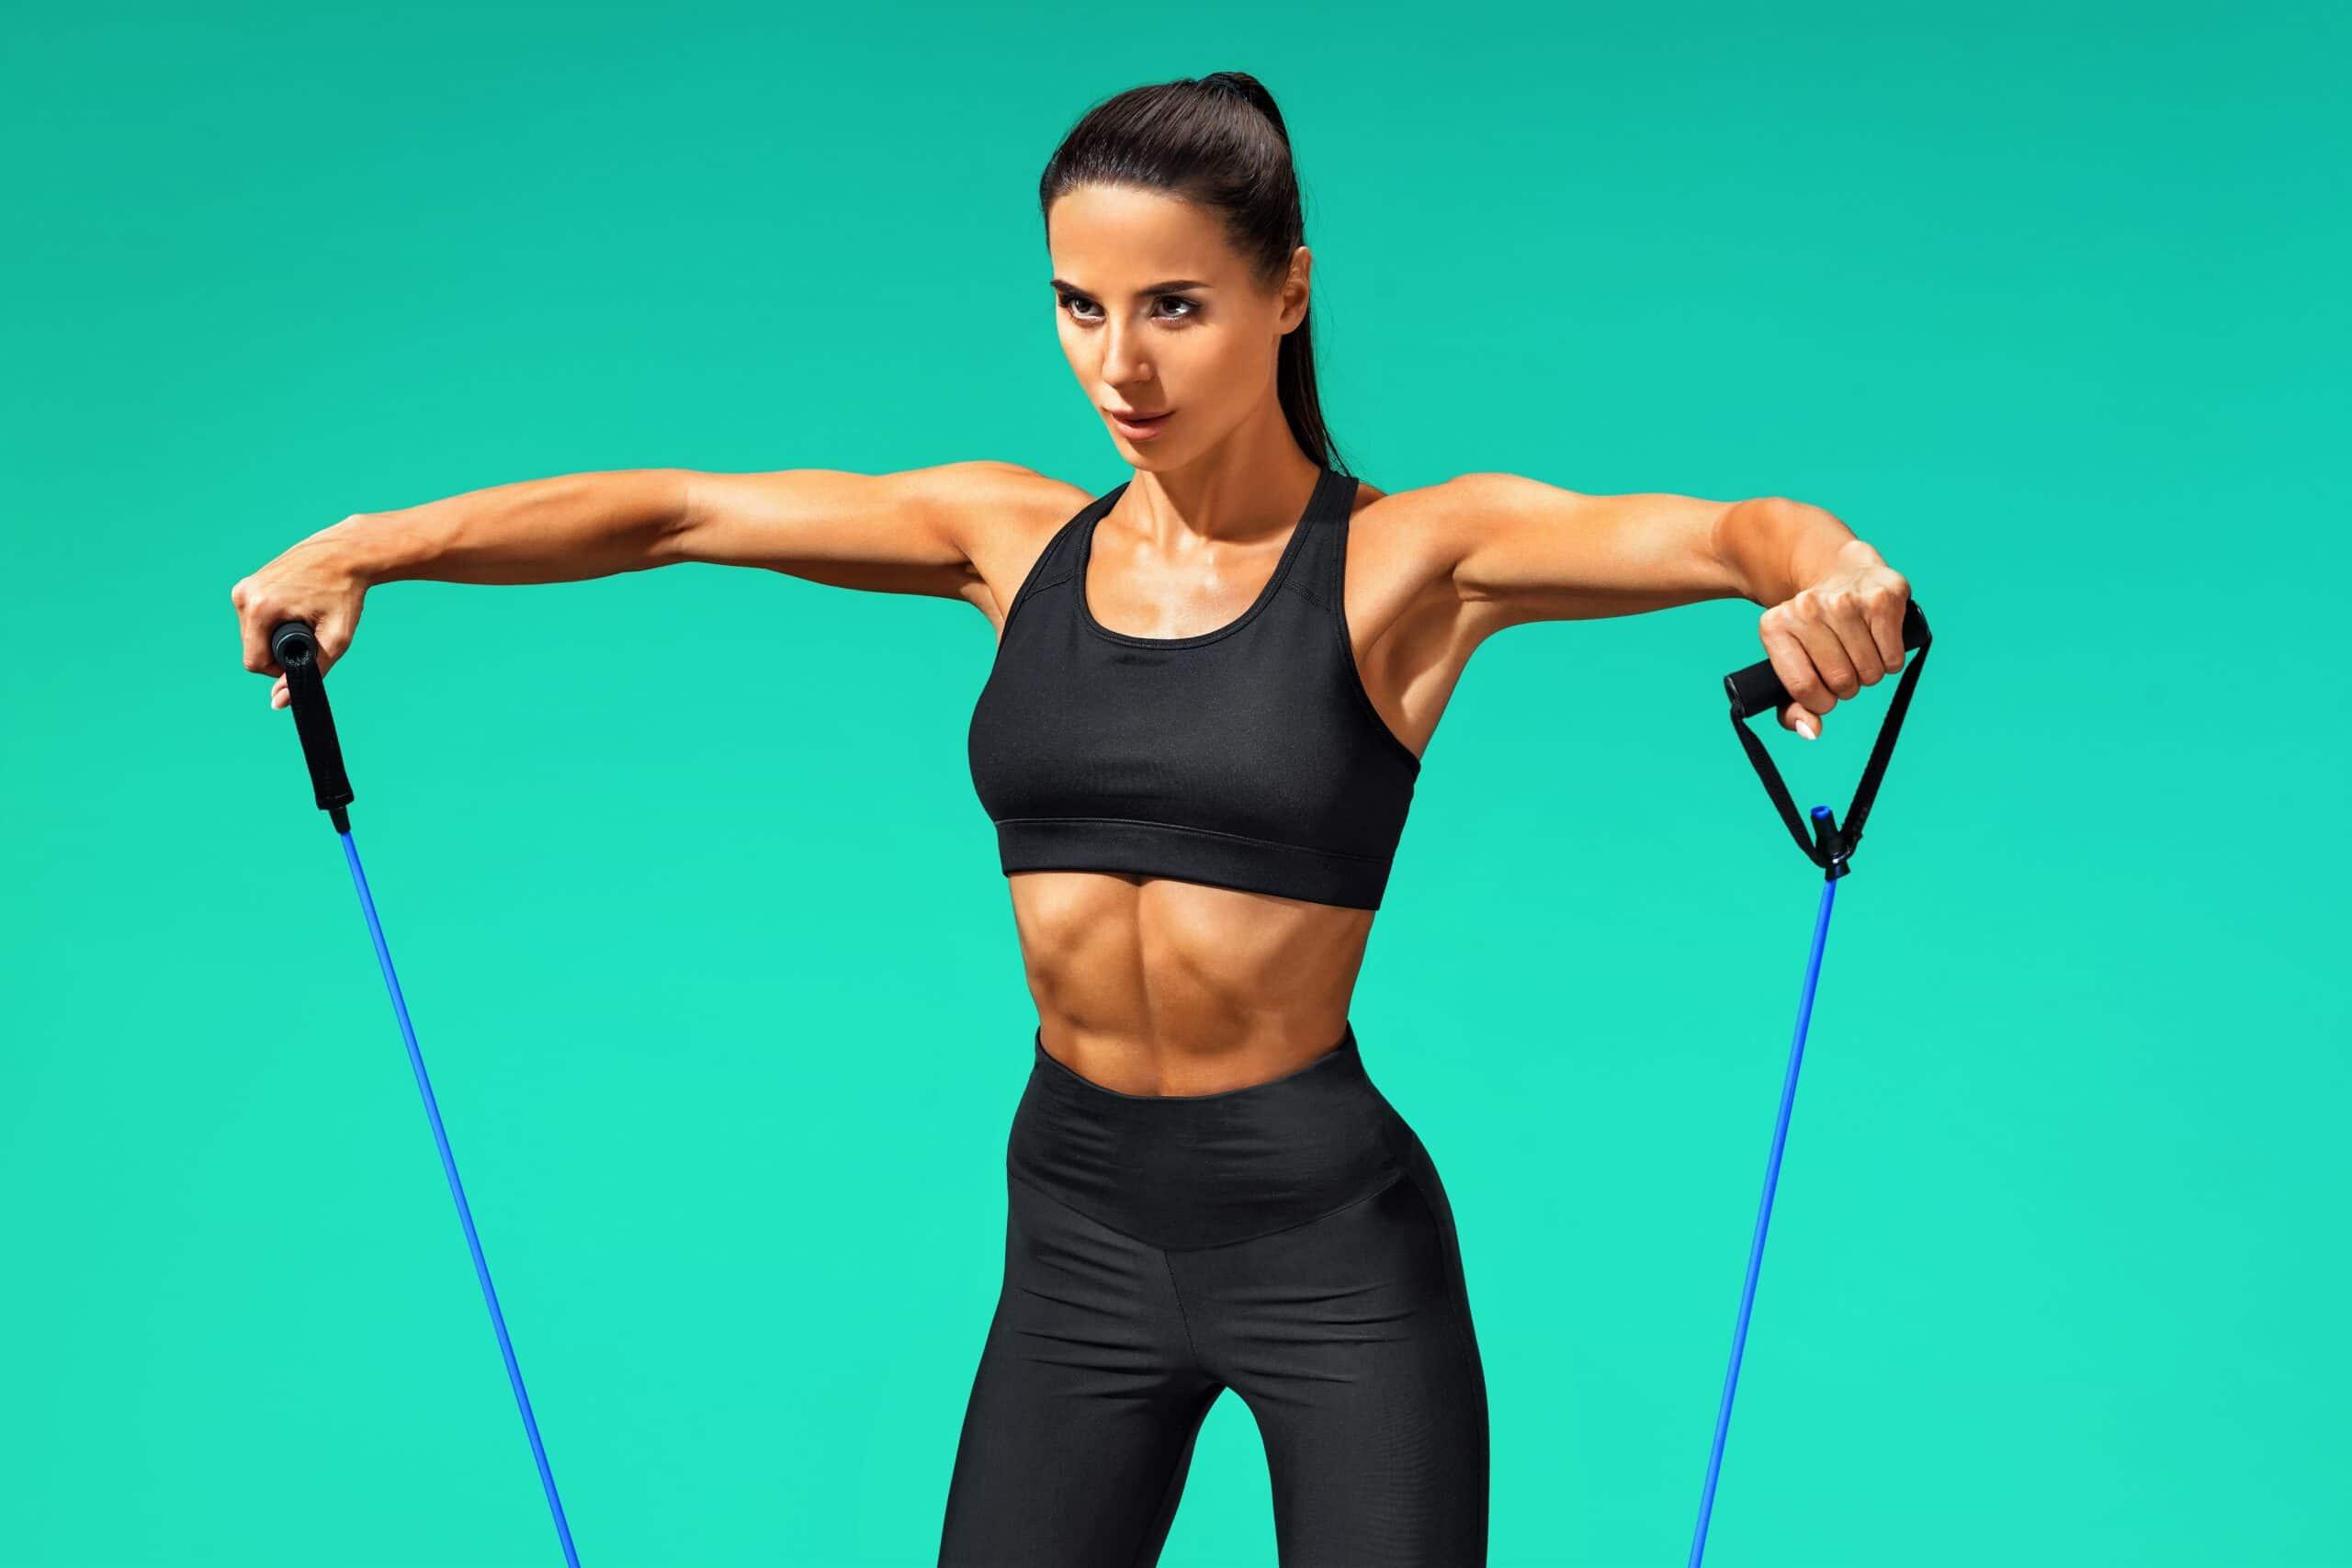 Resistance Band Shoulder Exercises